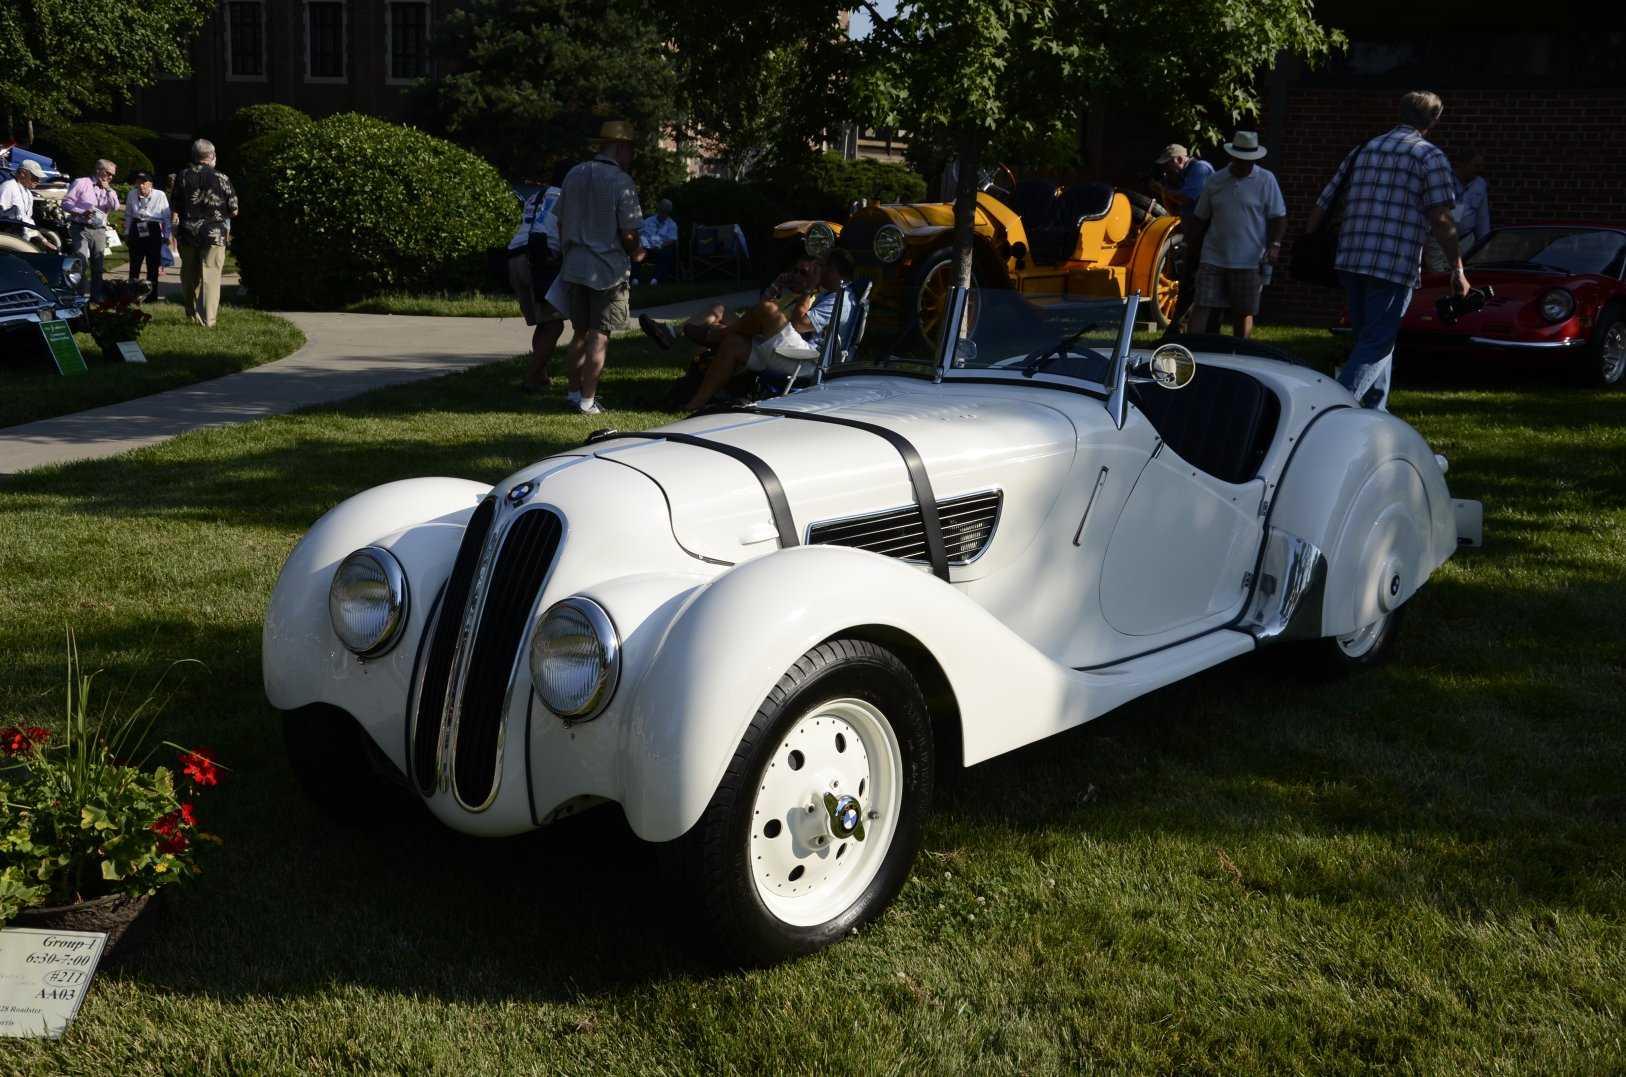 صور اقدم سيارة بي ام دبليو الفئة الثالثة